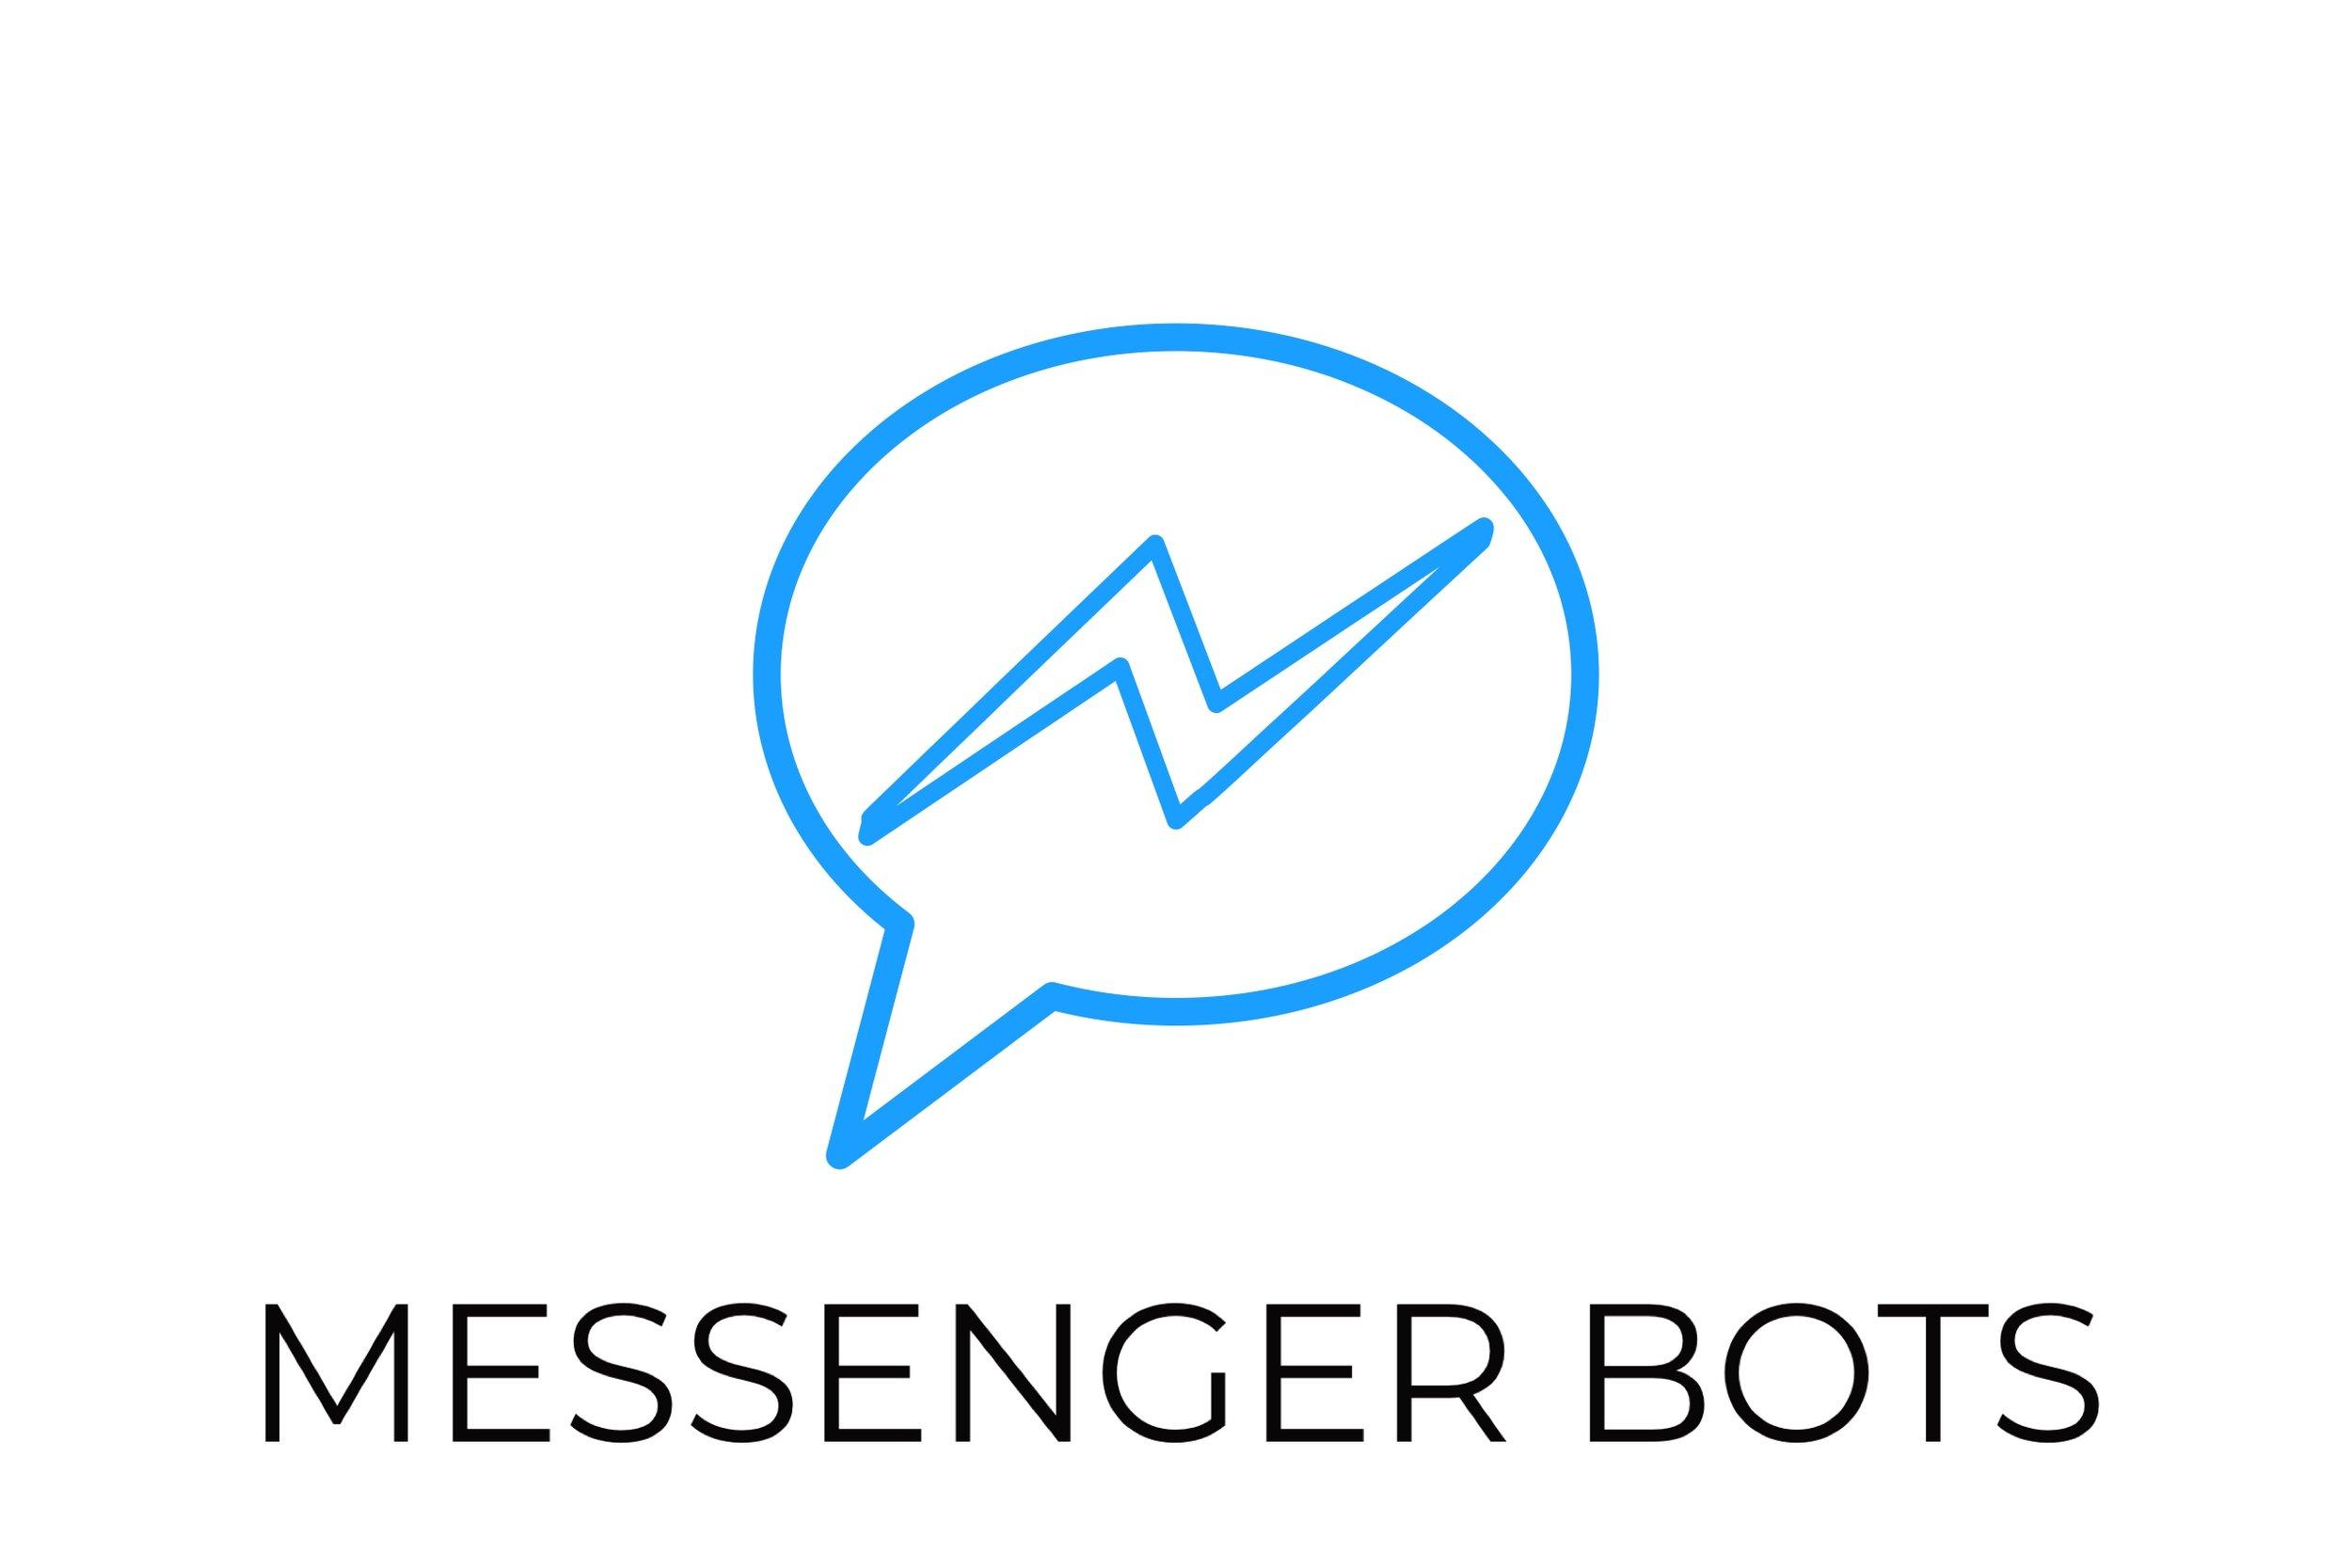 messengerbots.jpeg